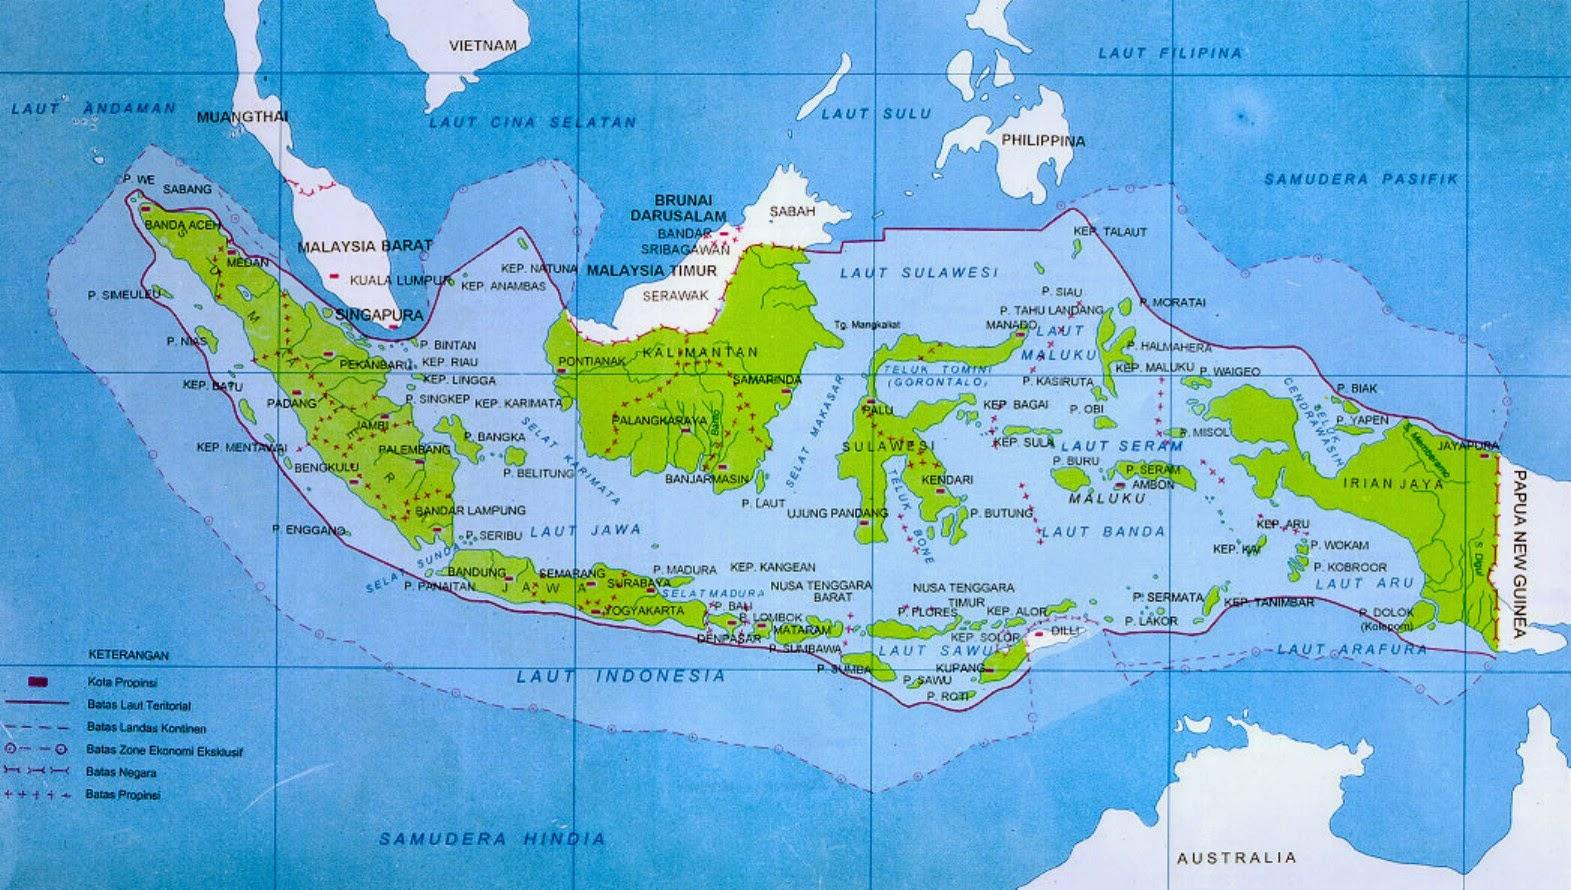 MENERIMA PEMESANAN SECARA ONLINE DARI SELURUH INDONESIA DAN LUAR INDONESIA VIA POS, TIKI DAN JNE